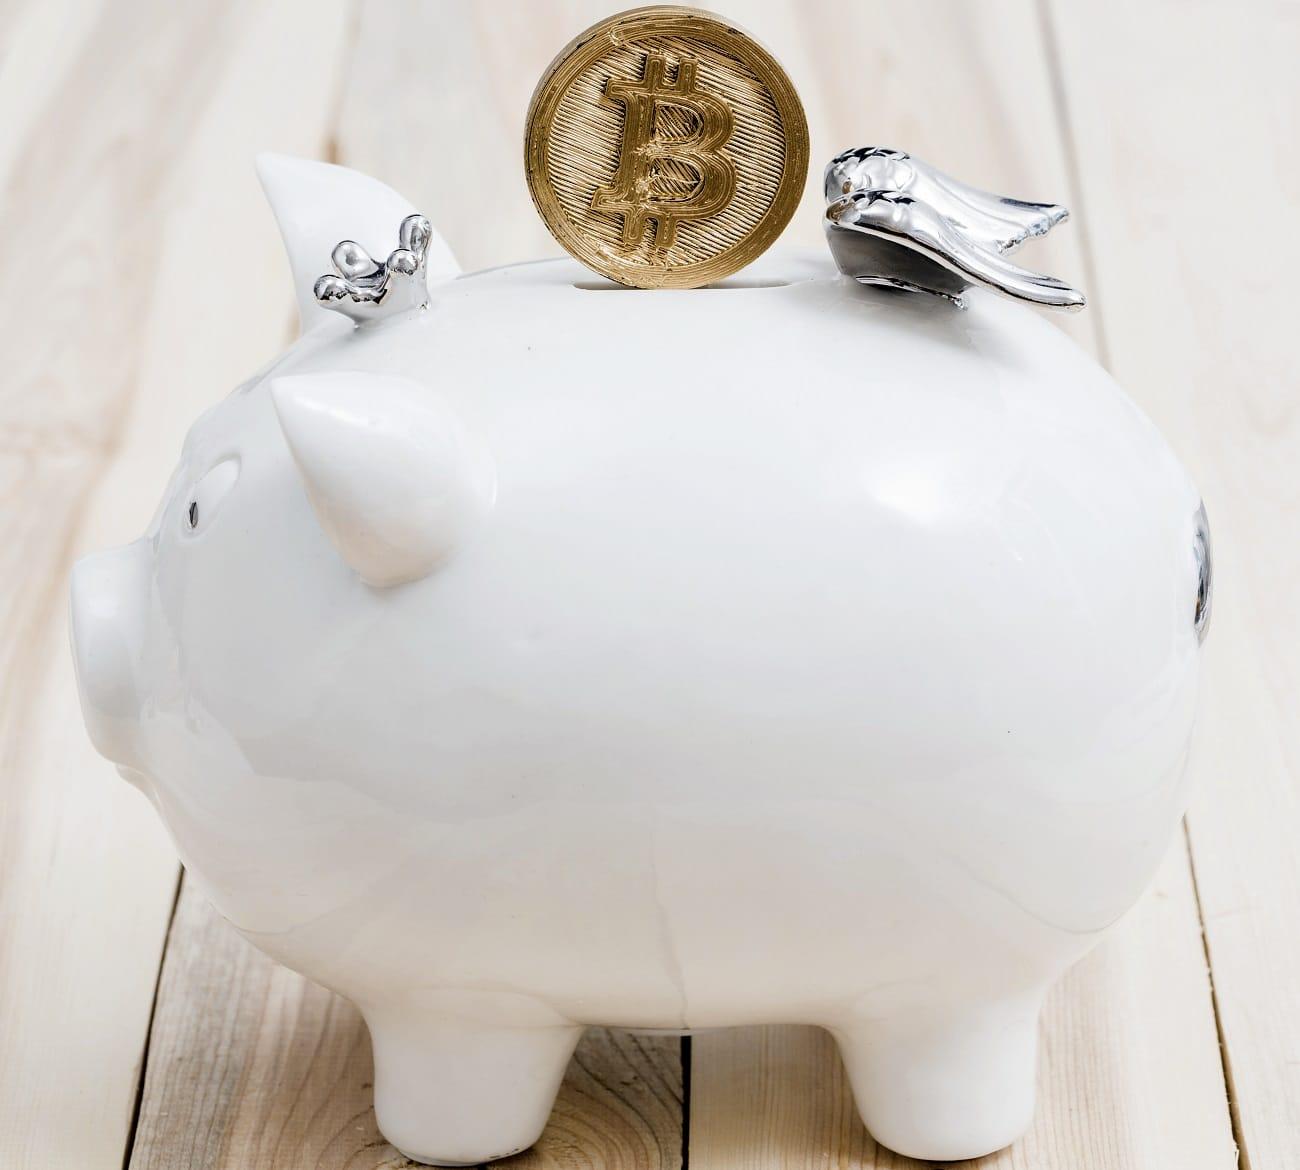 Rsi of bitcoin